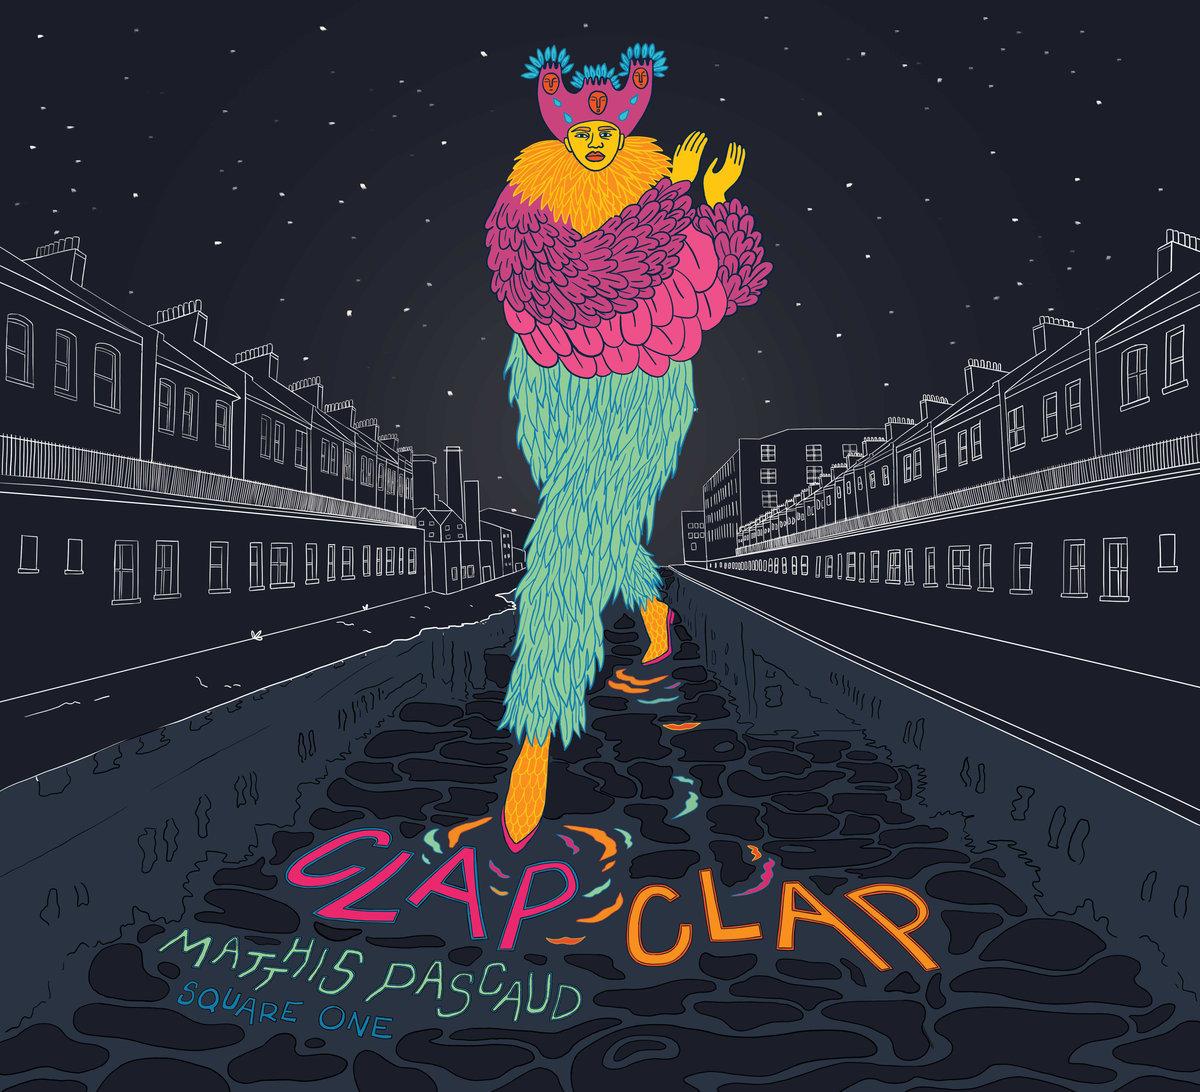 Matthis Pascaud – Clap Clap